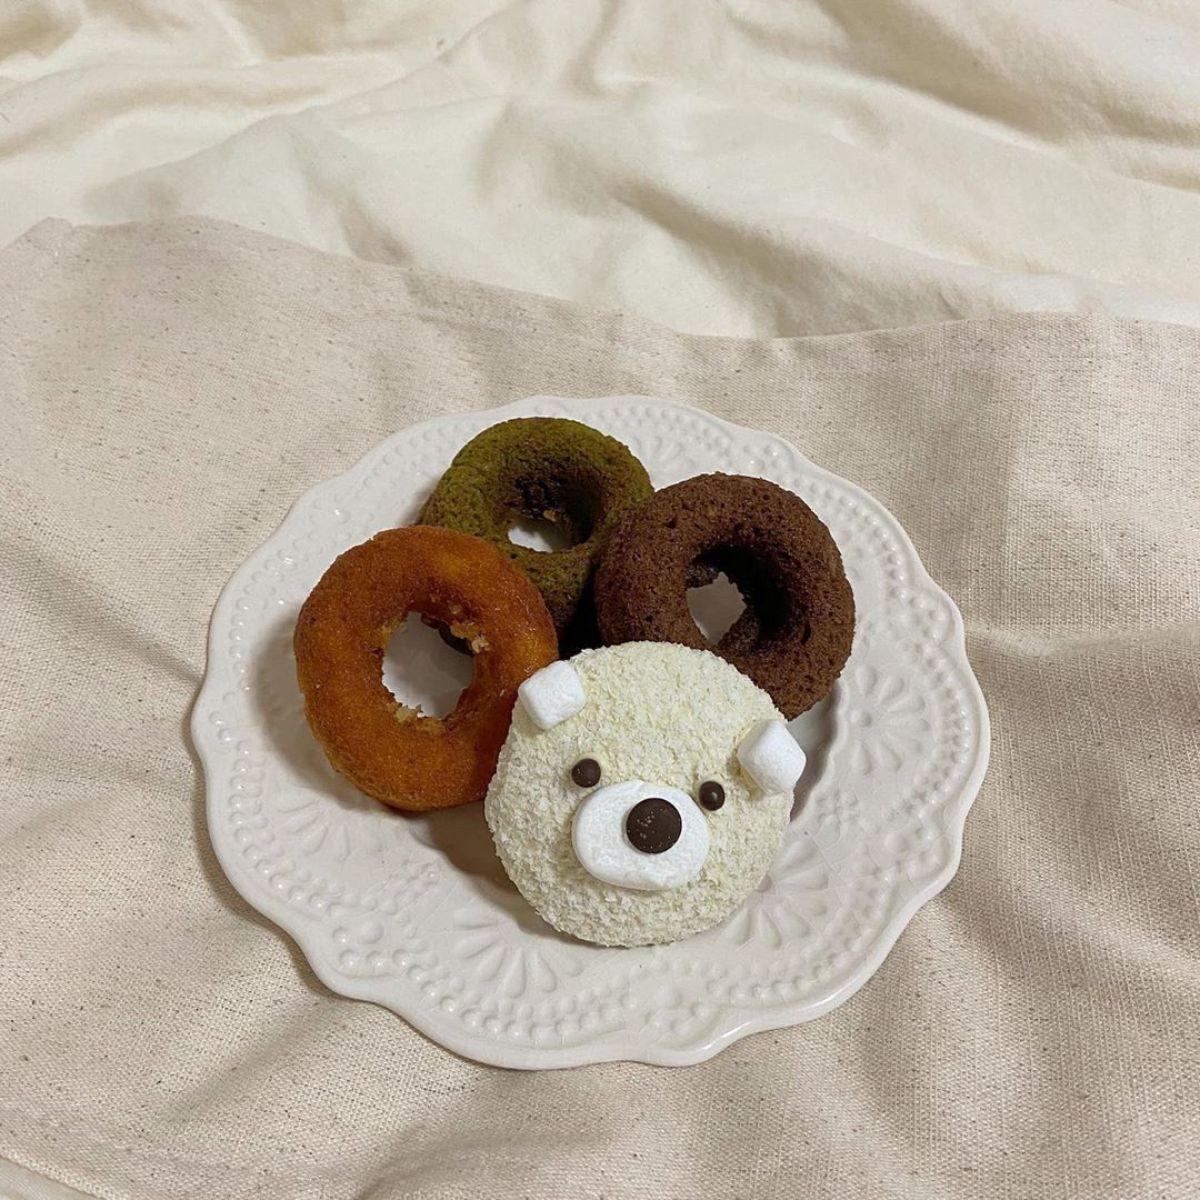 かわいすぎる「くまさんドーナツ」をお取り寄せ♡仙台のカフェHEYに行った気分になれると人気なんです